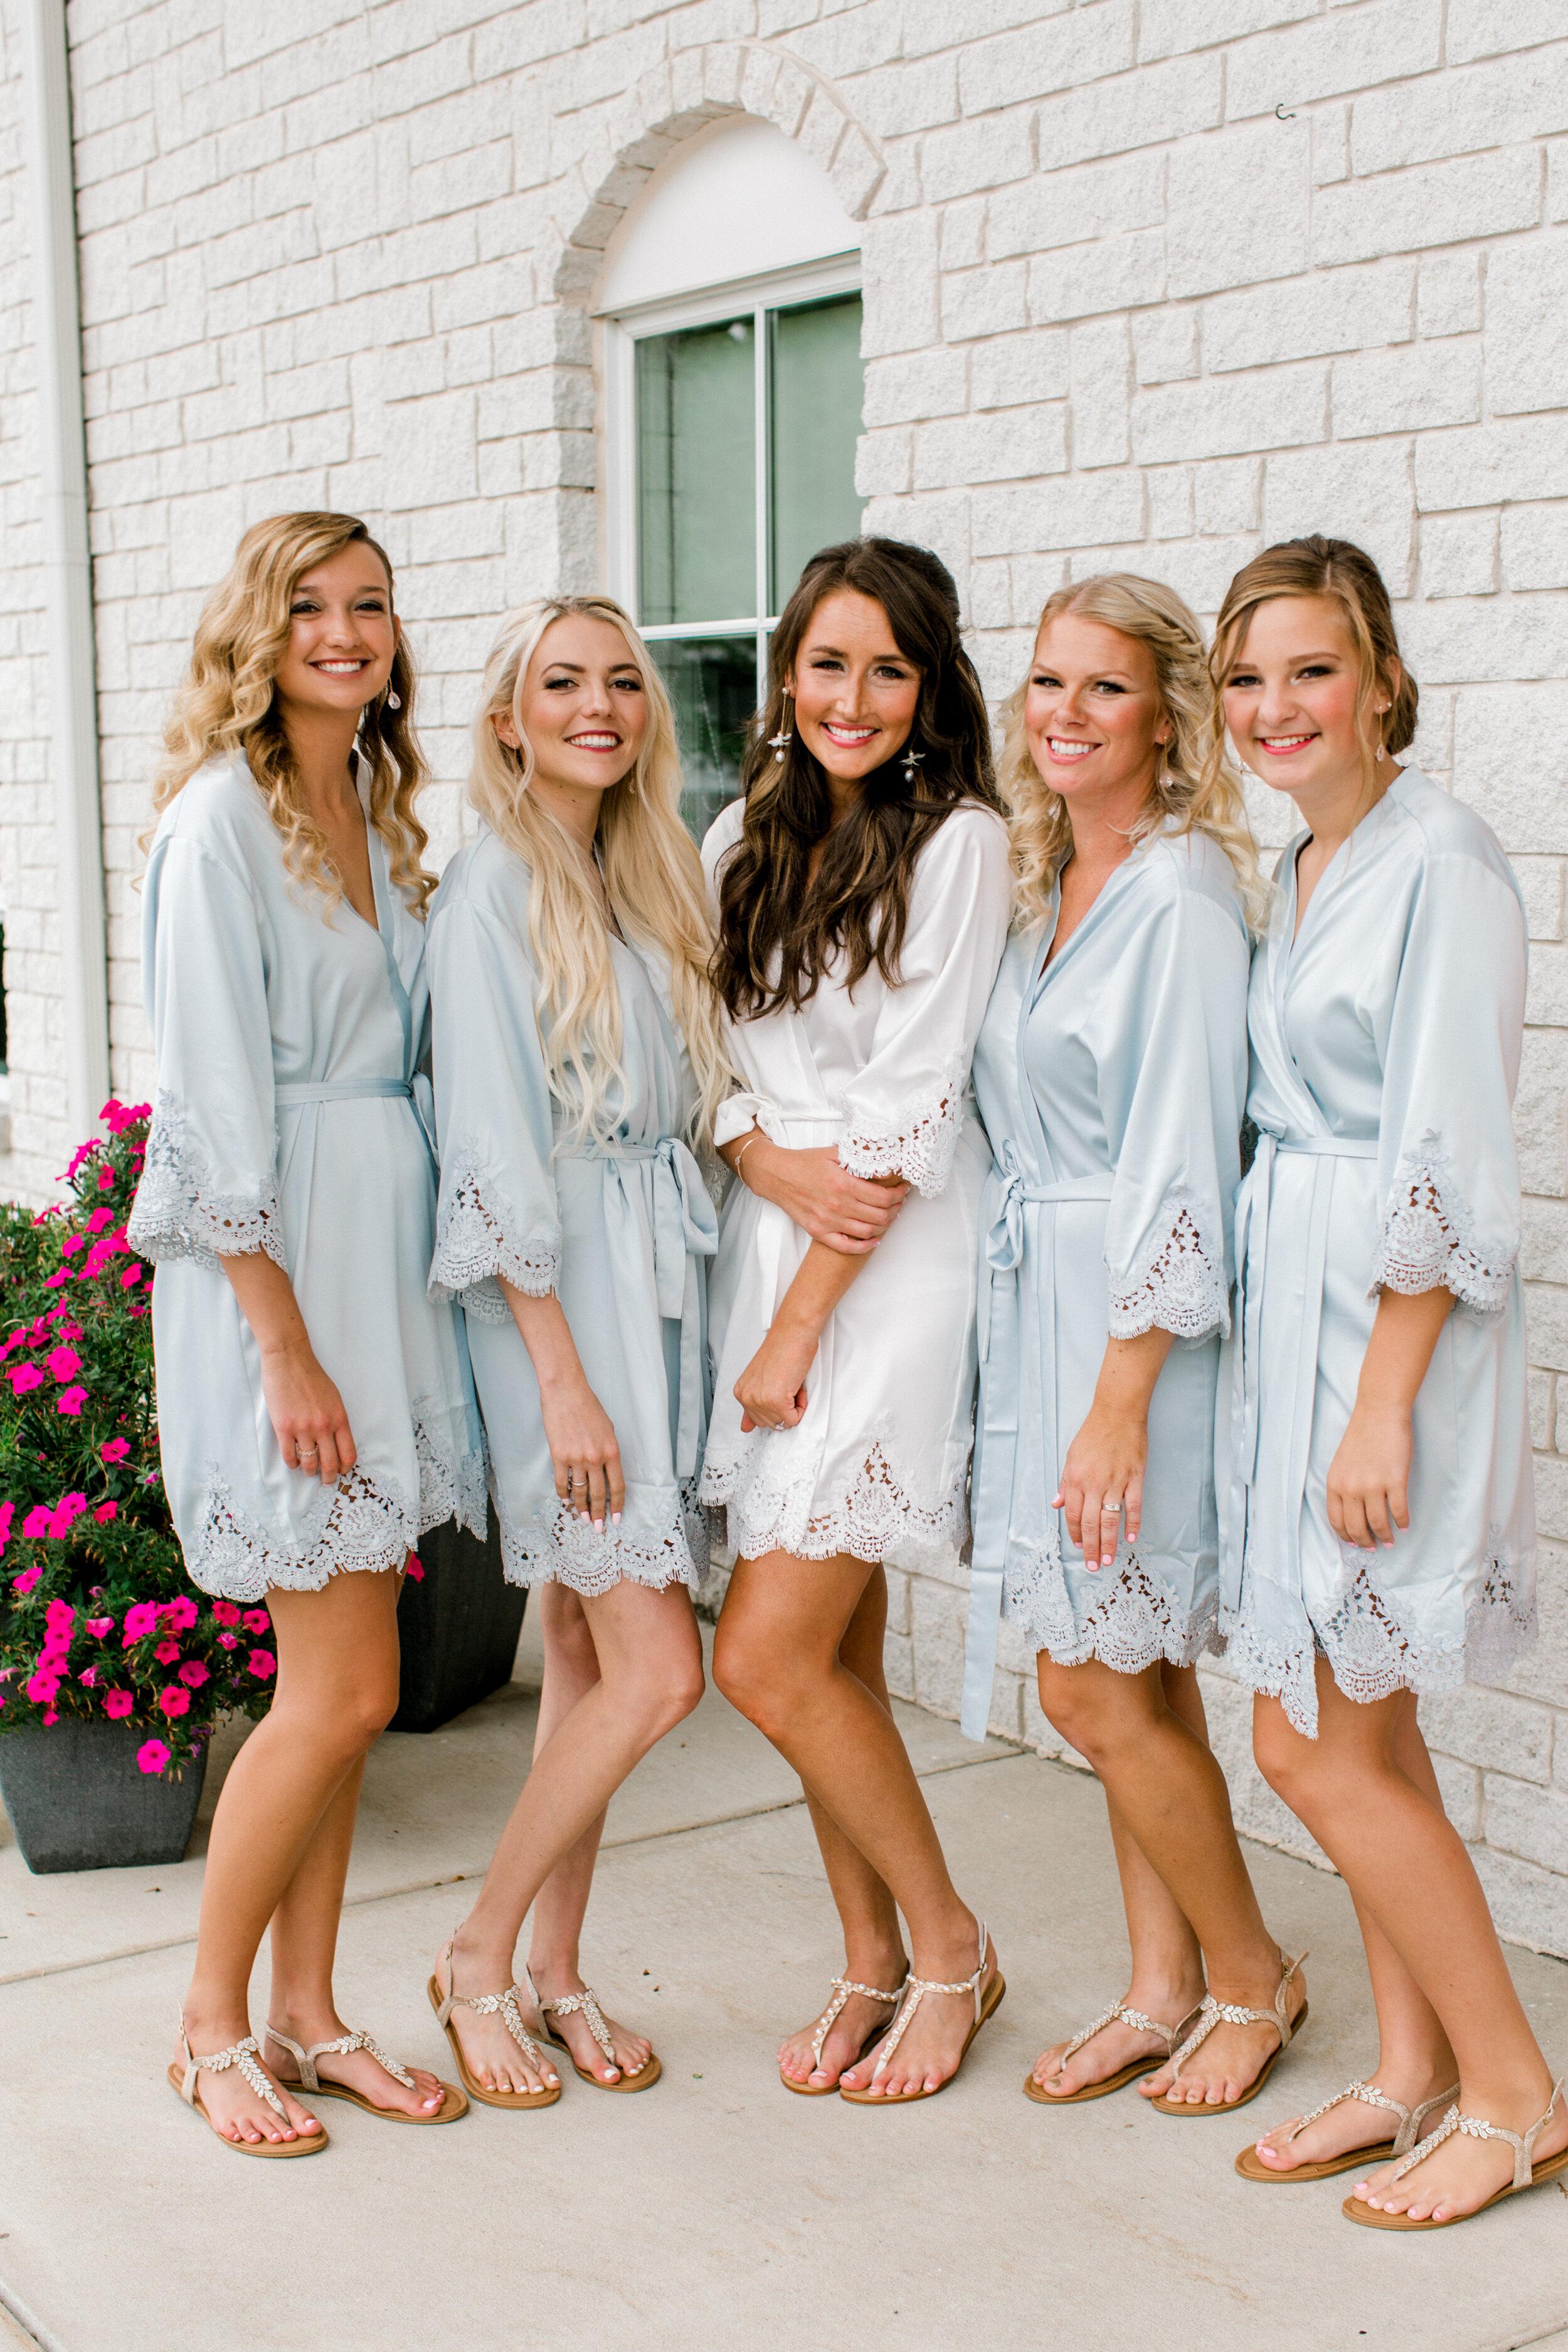 Kuiper+Wedding+Getting+Ready-53.jpg